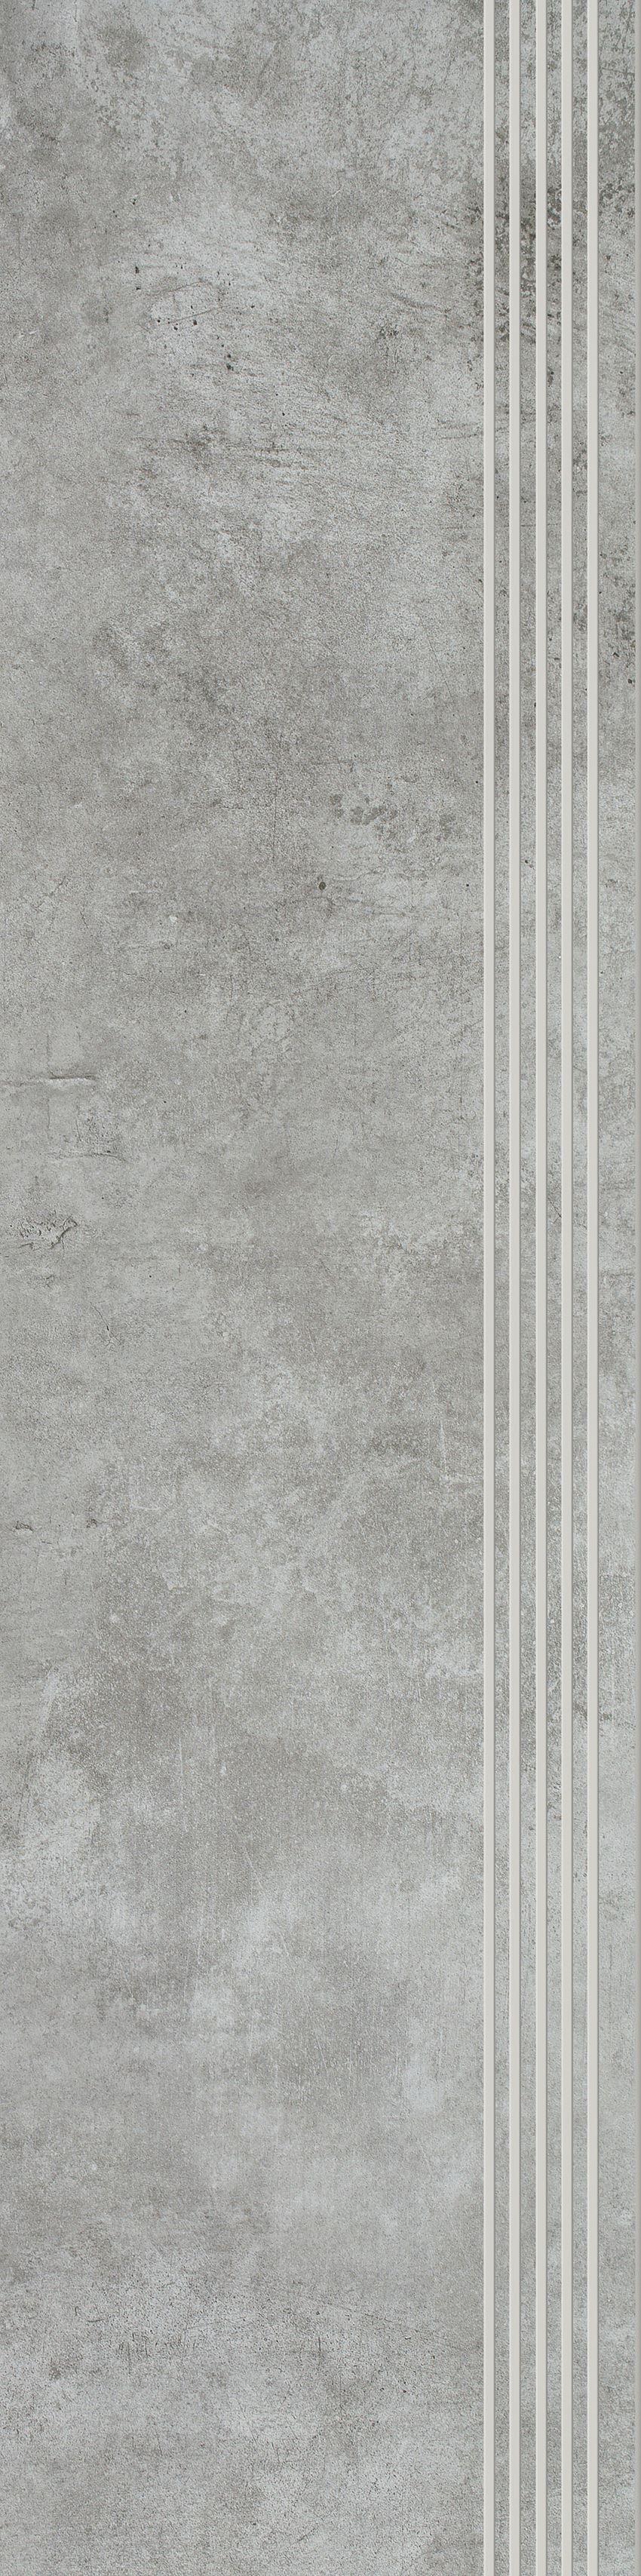 Płytka stopnicowa 29,8x119,8 cm Paradyż Scratch Grys Stopnica Prosta Nacinana Półpoler